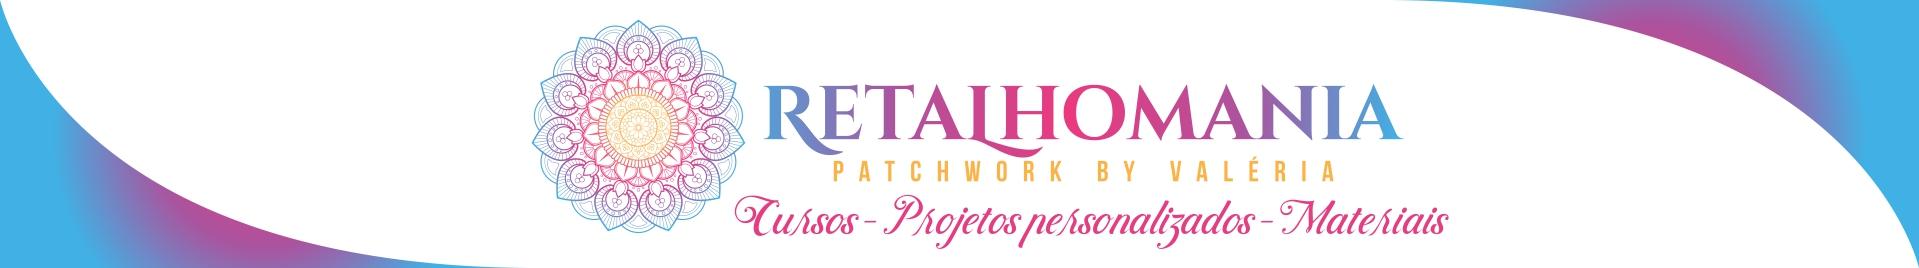 Retalhomania Patchwork